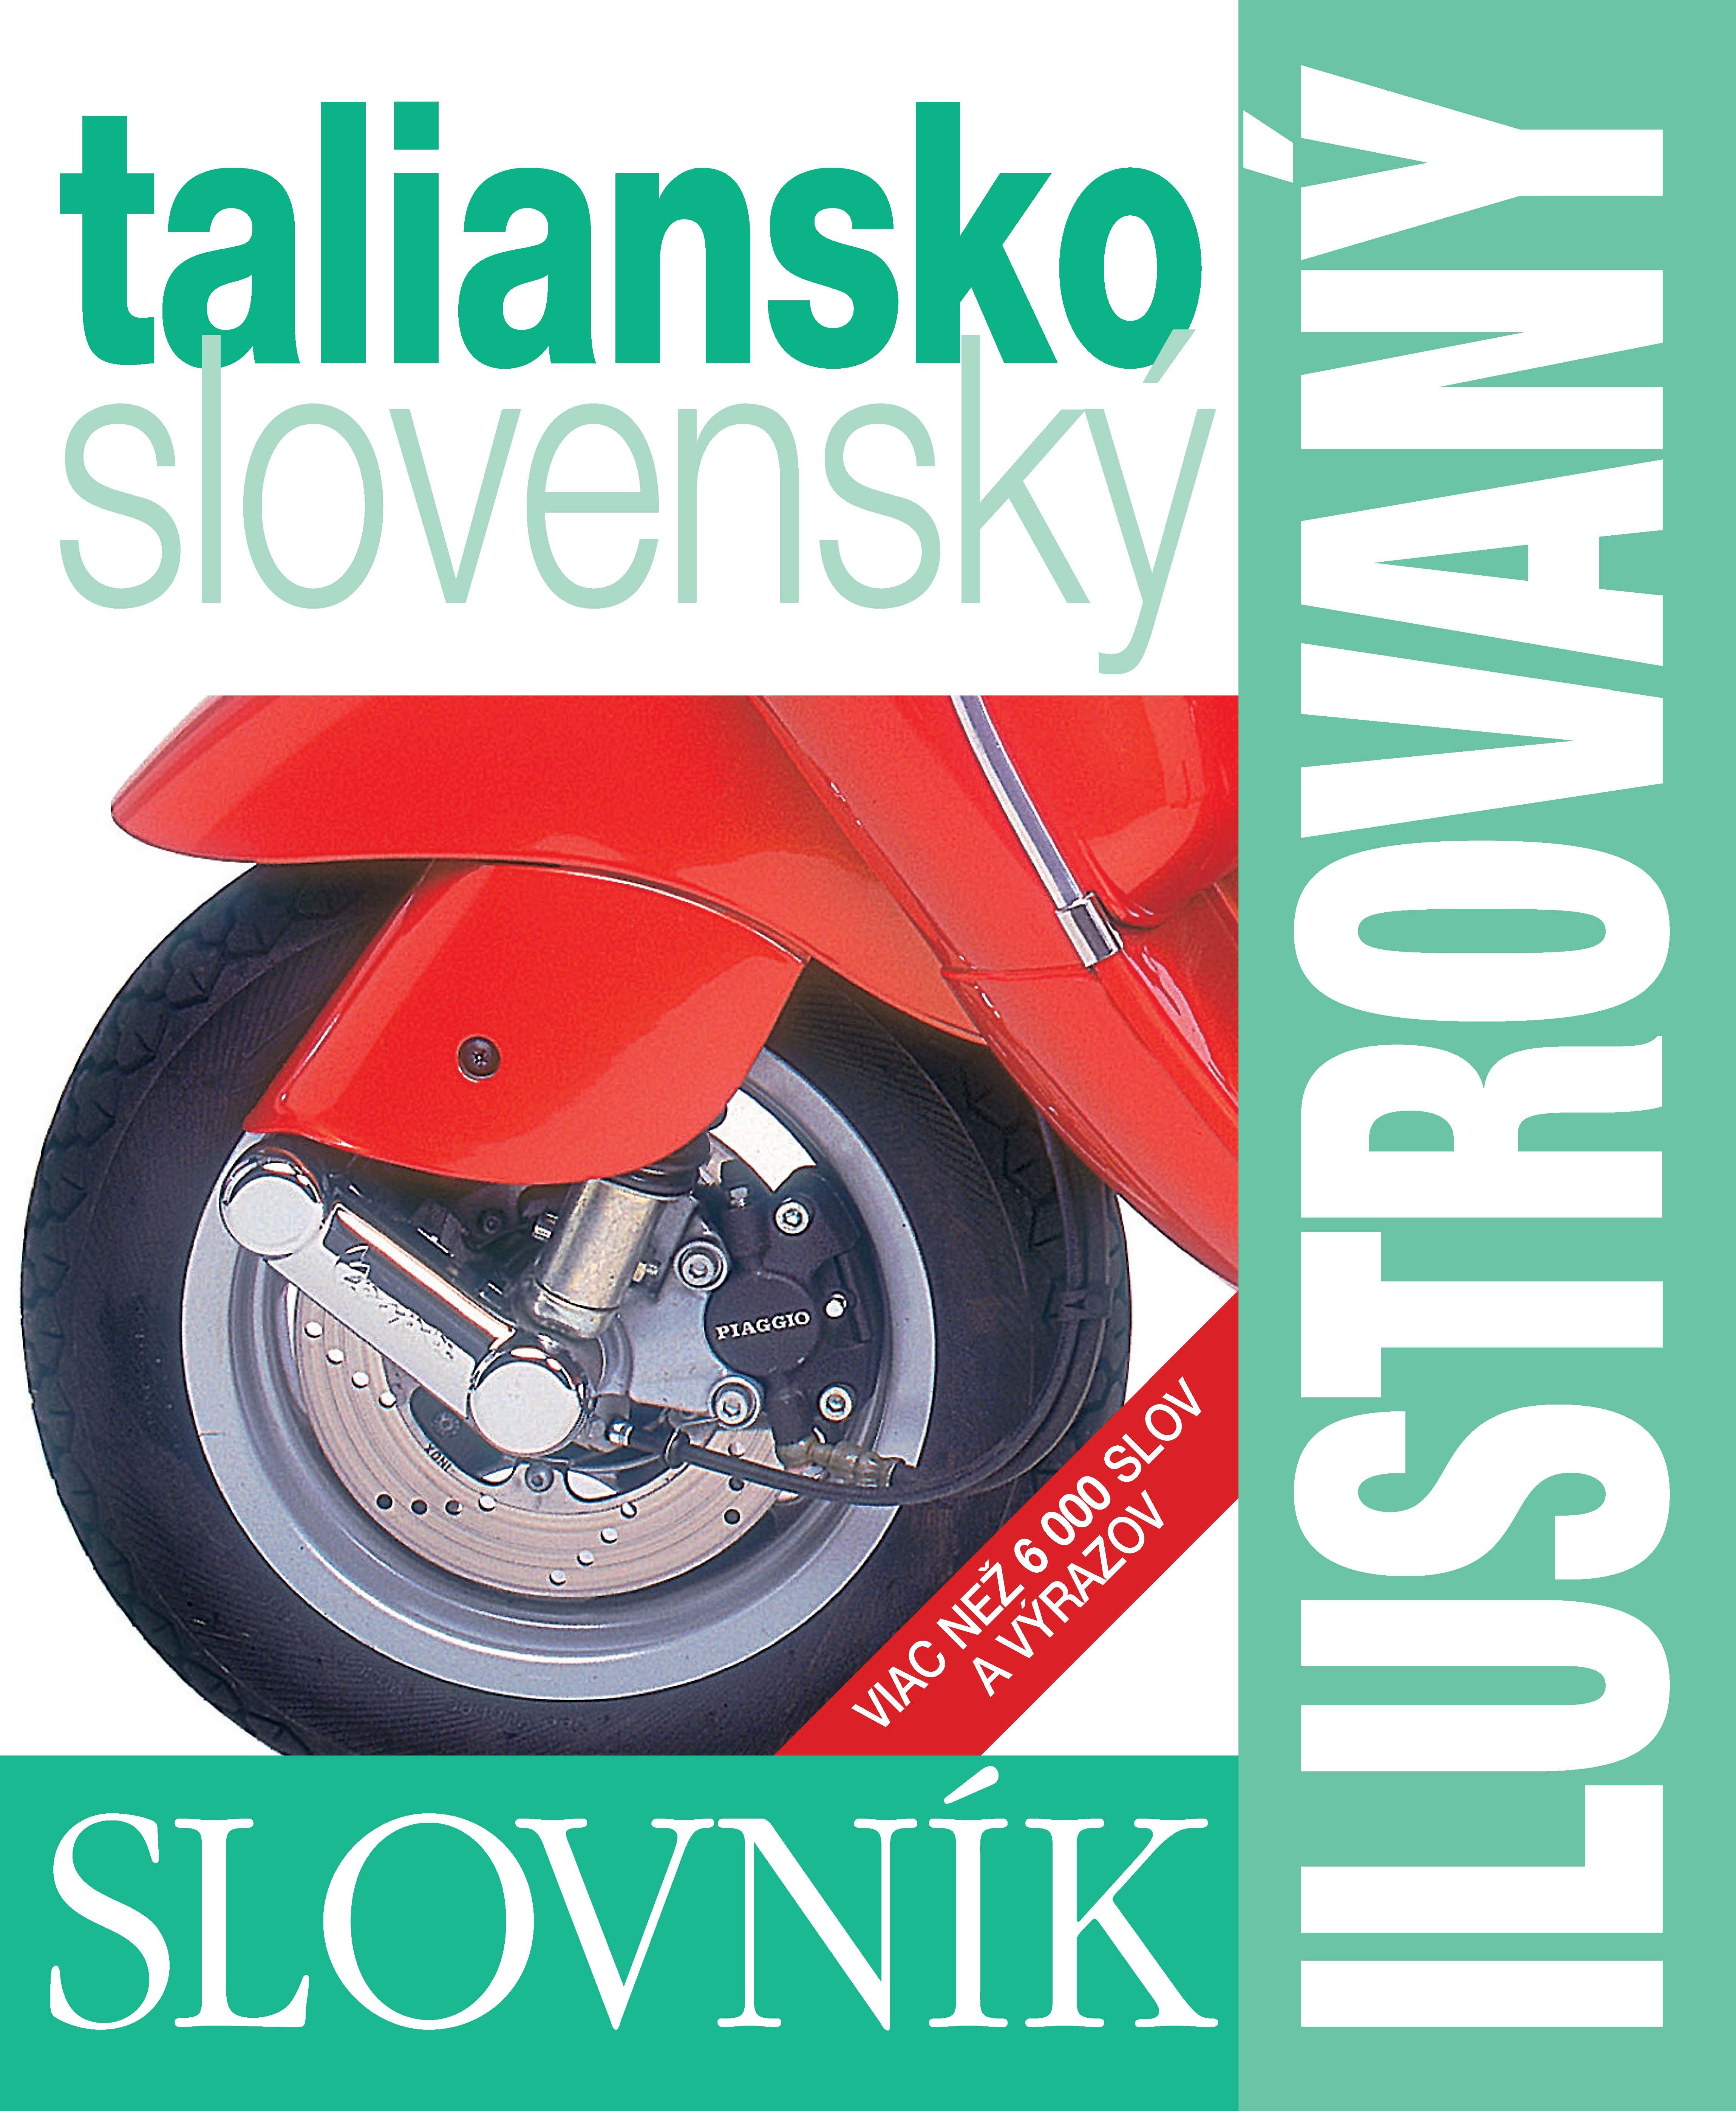 Ilustrovaný slovník taliansko - slovenský